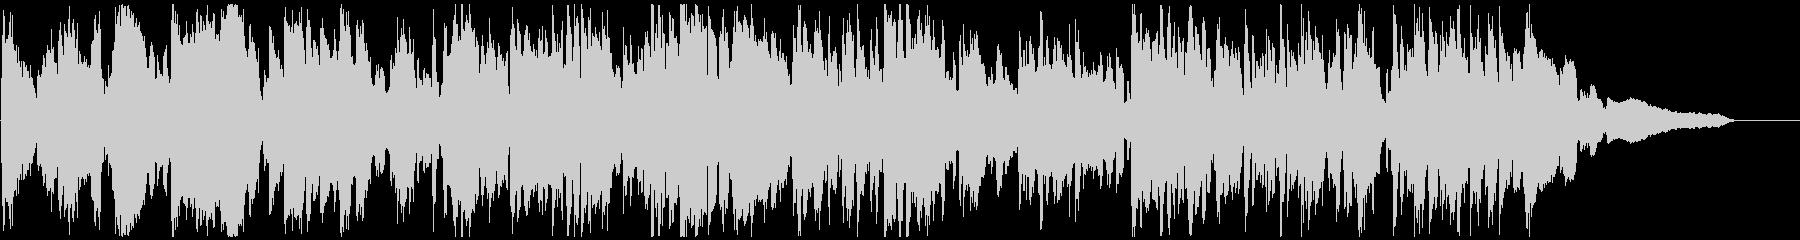 テンポ早め、わくわくするジャズ※60秒版の未再生の波形